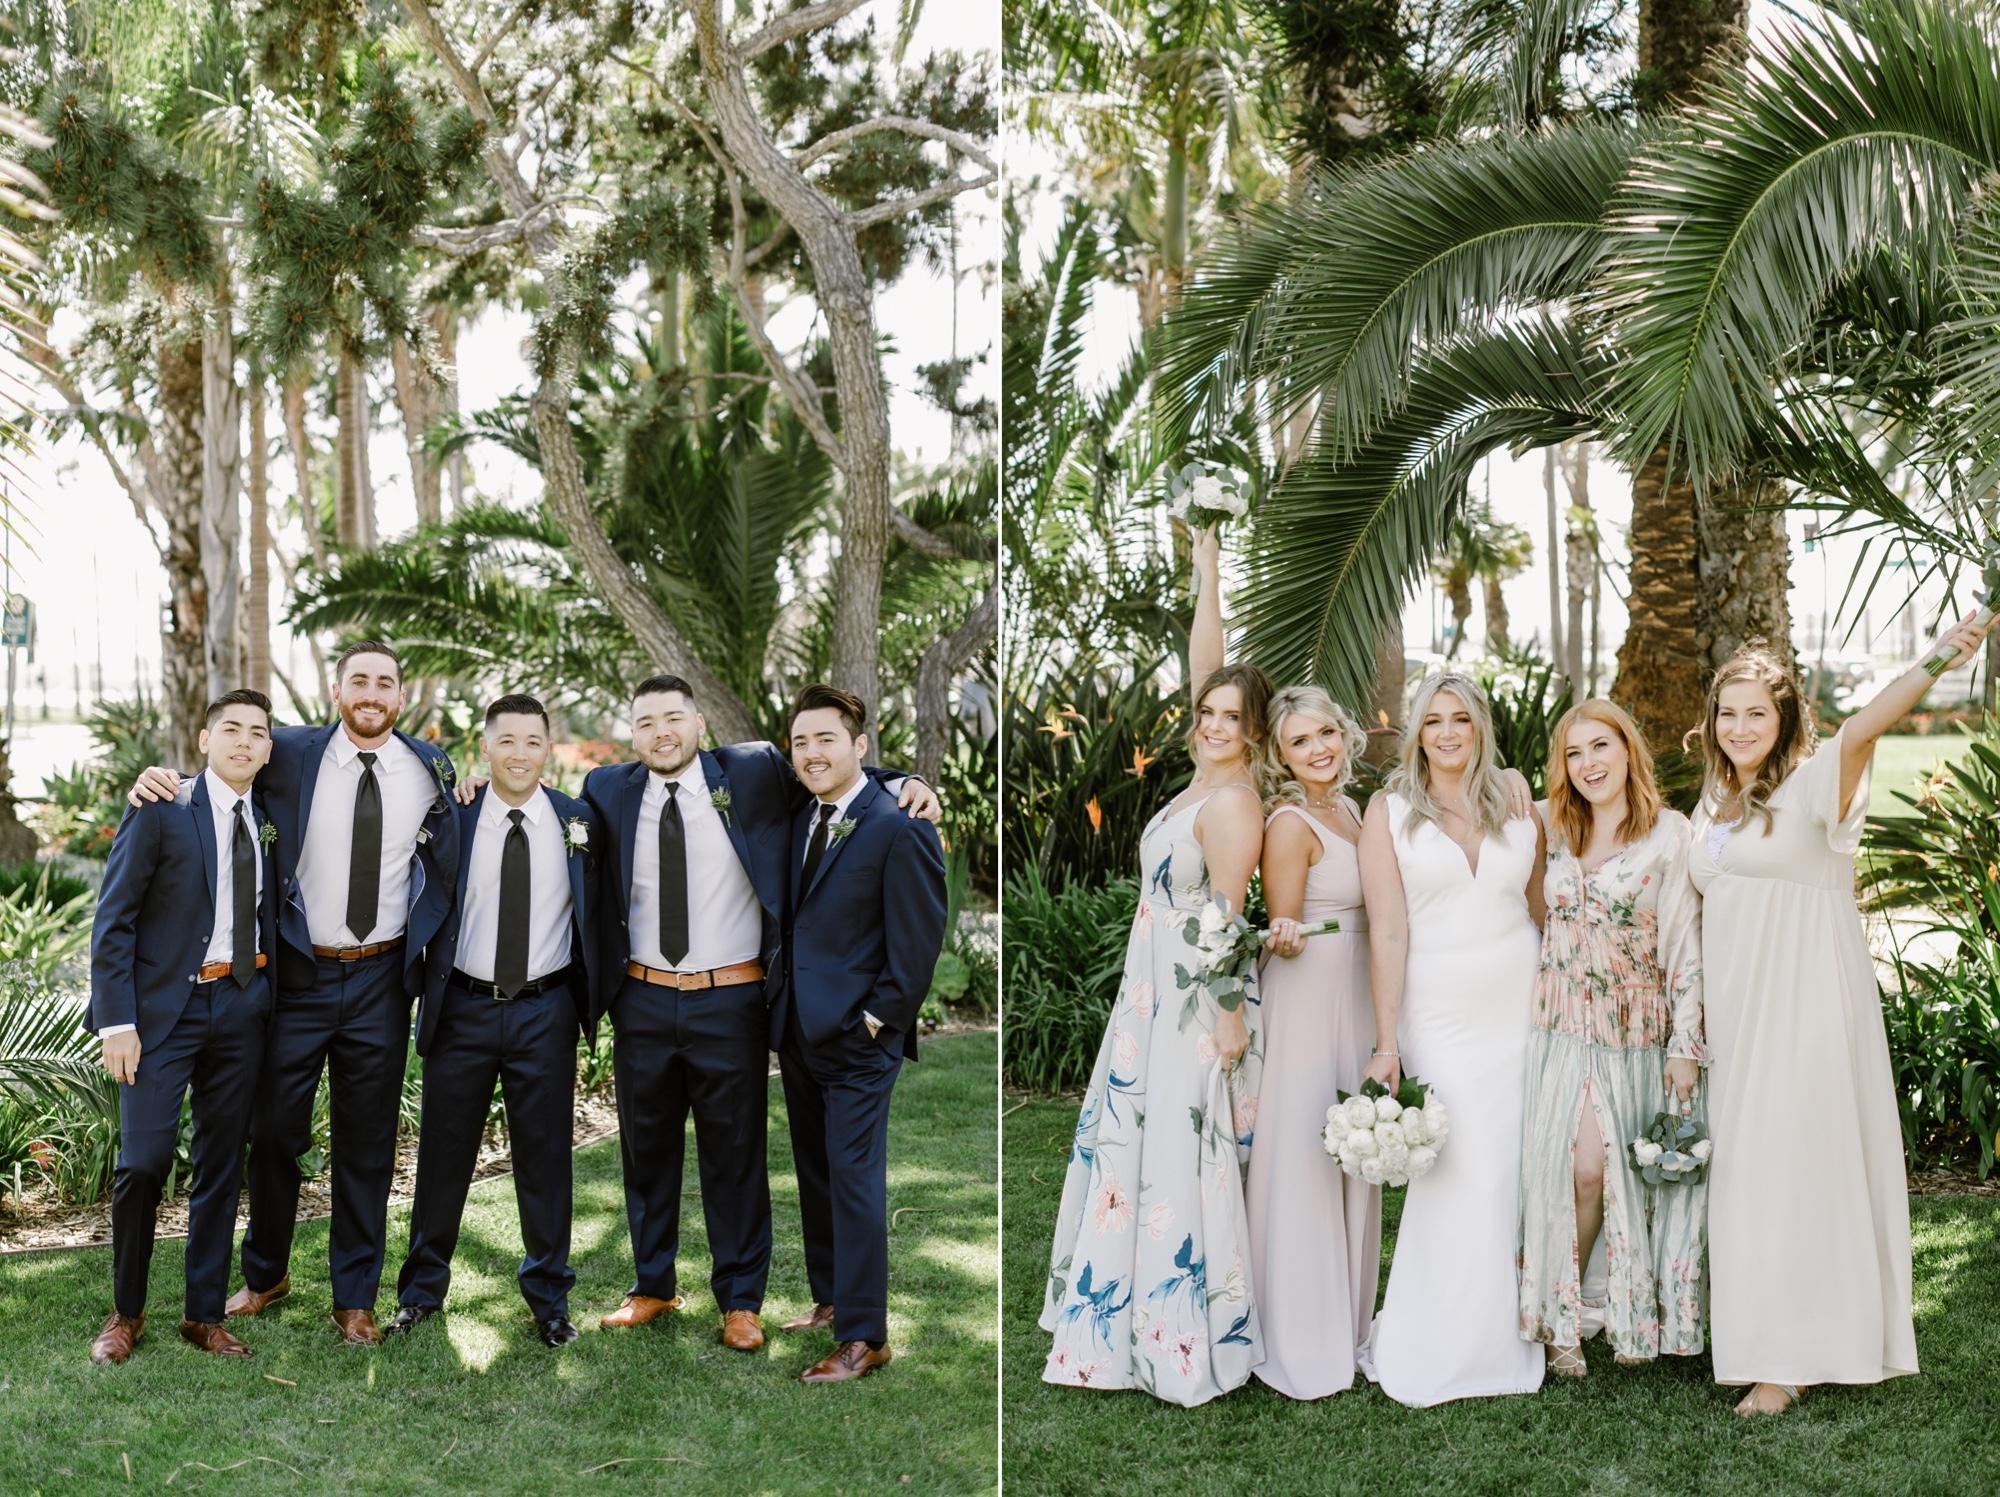 18_Ally and Tommy's Wedding-365_Ally and Tommy's Wedding-42.jpg